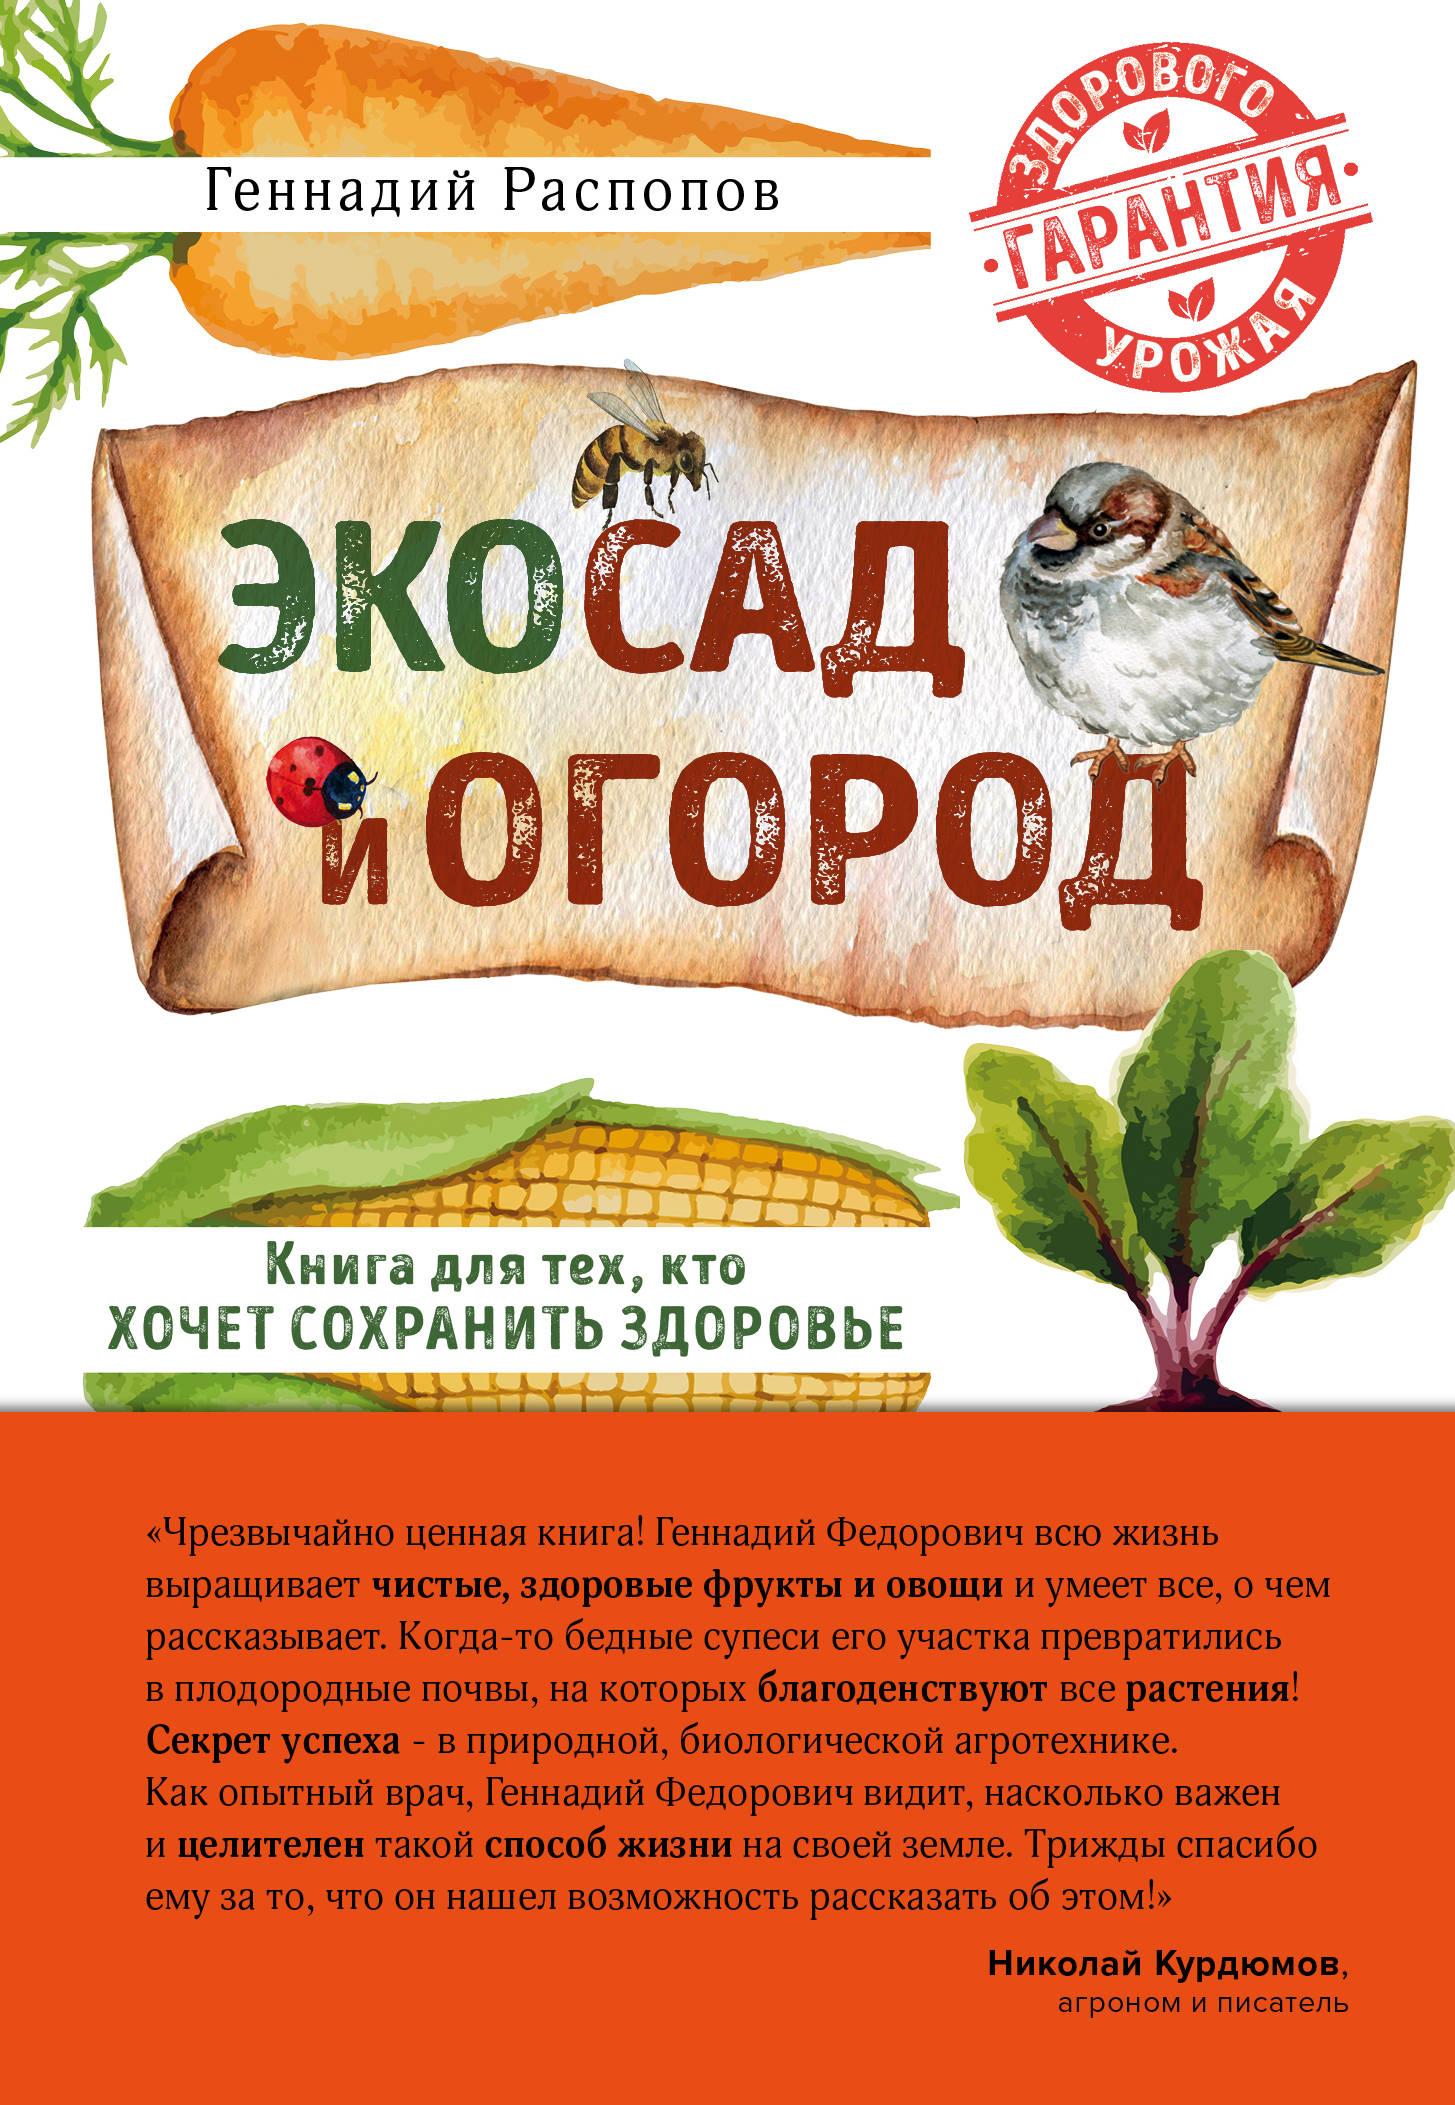 Геннадий Распопов Эко сад и огород. Книга для тех, кто хочет сохранить здоровье ISBN: 978-5-699-93569-7